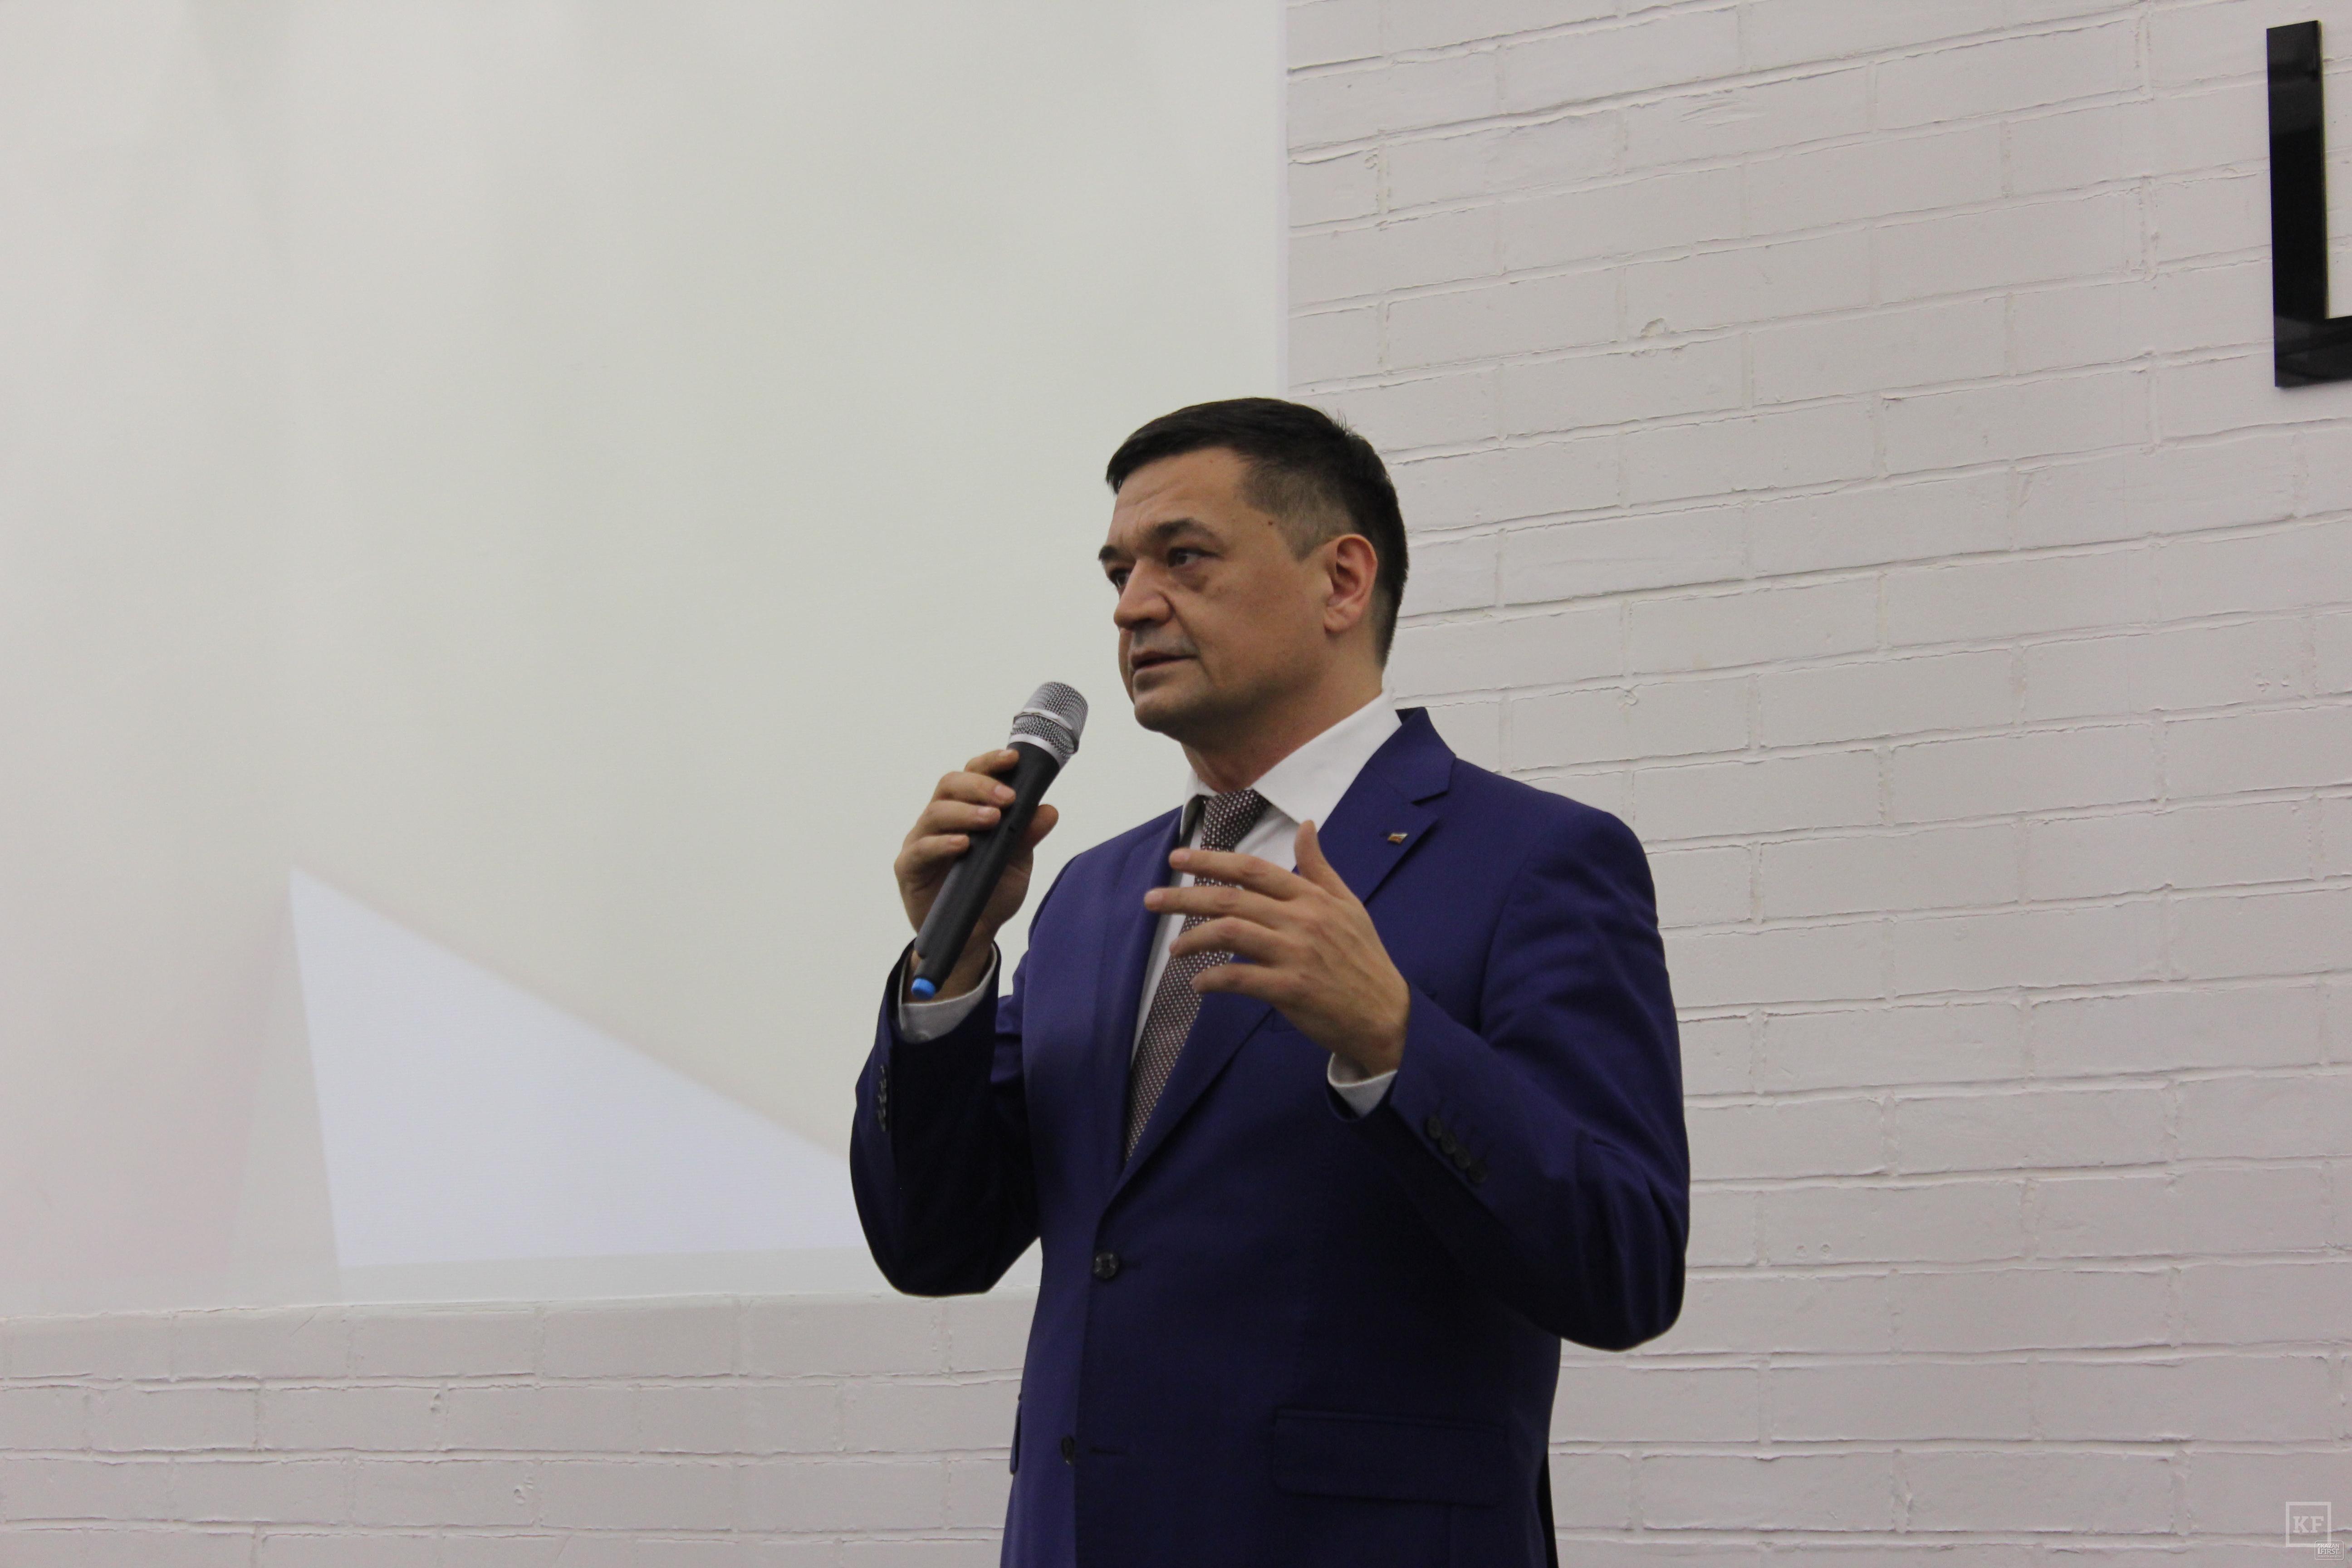 Азат Газизов, «Опора России»: Когда начинаются тяжелые времена, то люди тянутся к себе подобным, чтобы легче преодолевать трудности